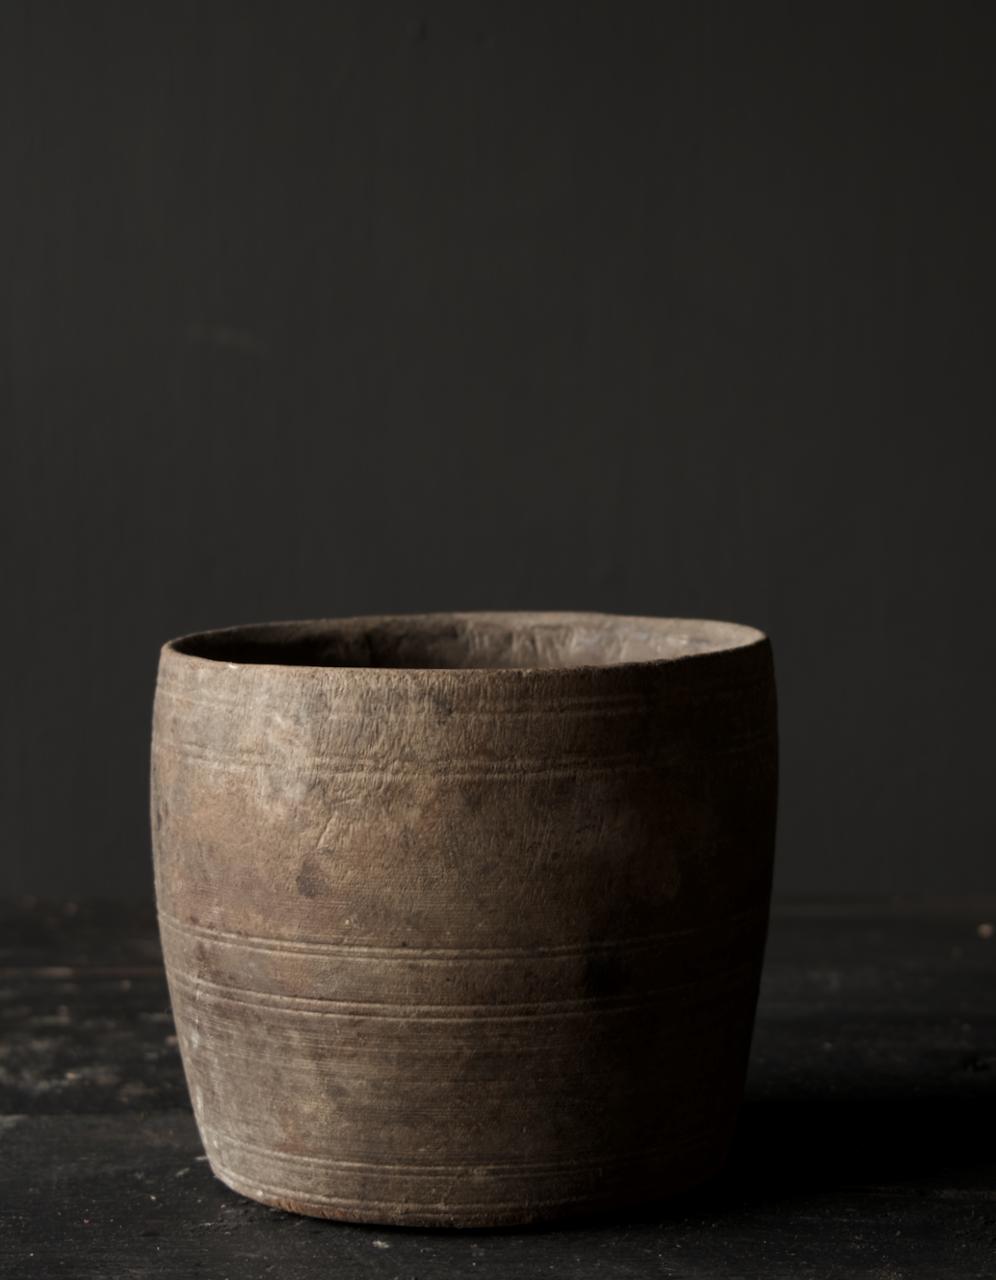 Nepalesischer alter hölzerner Topf oder Vase-3